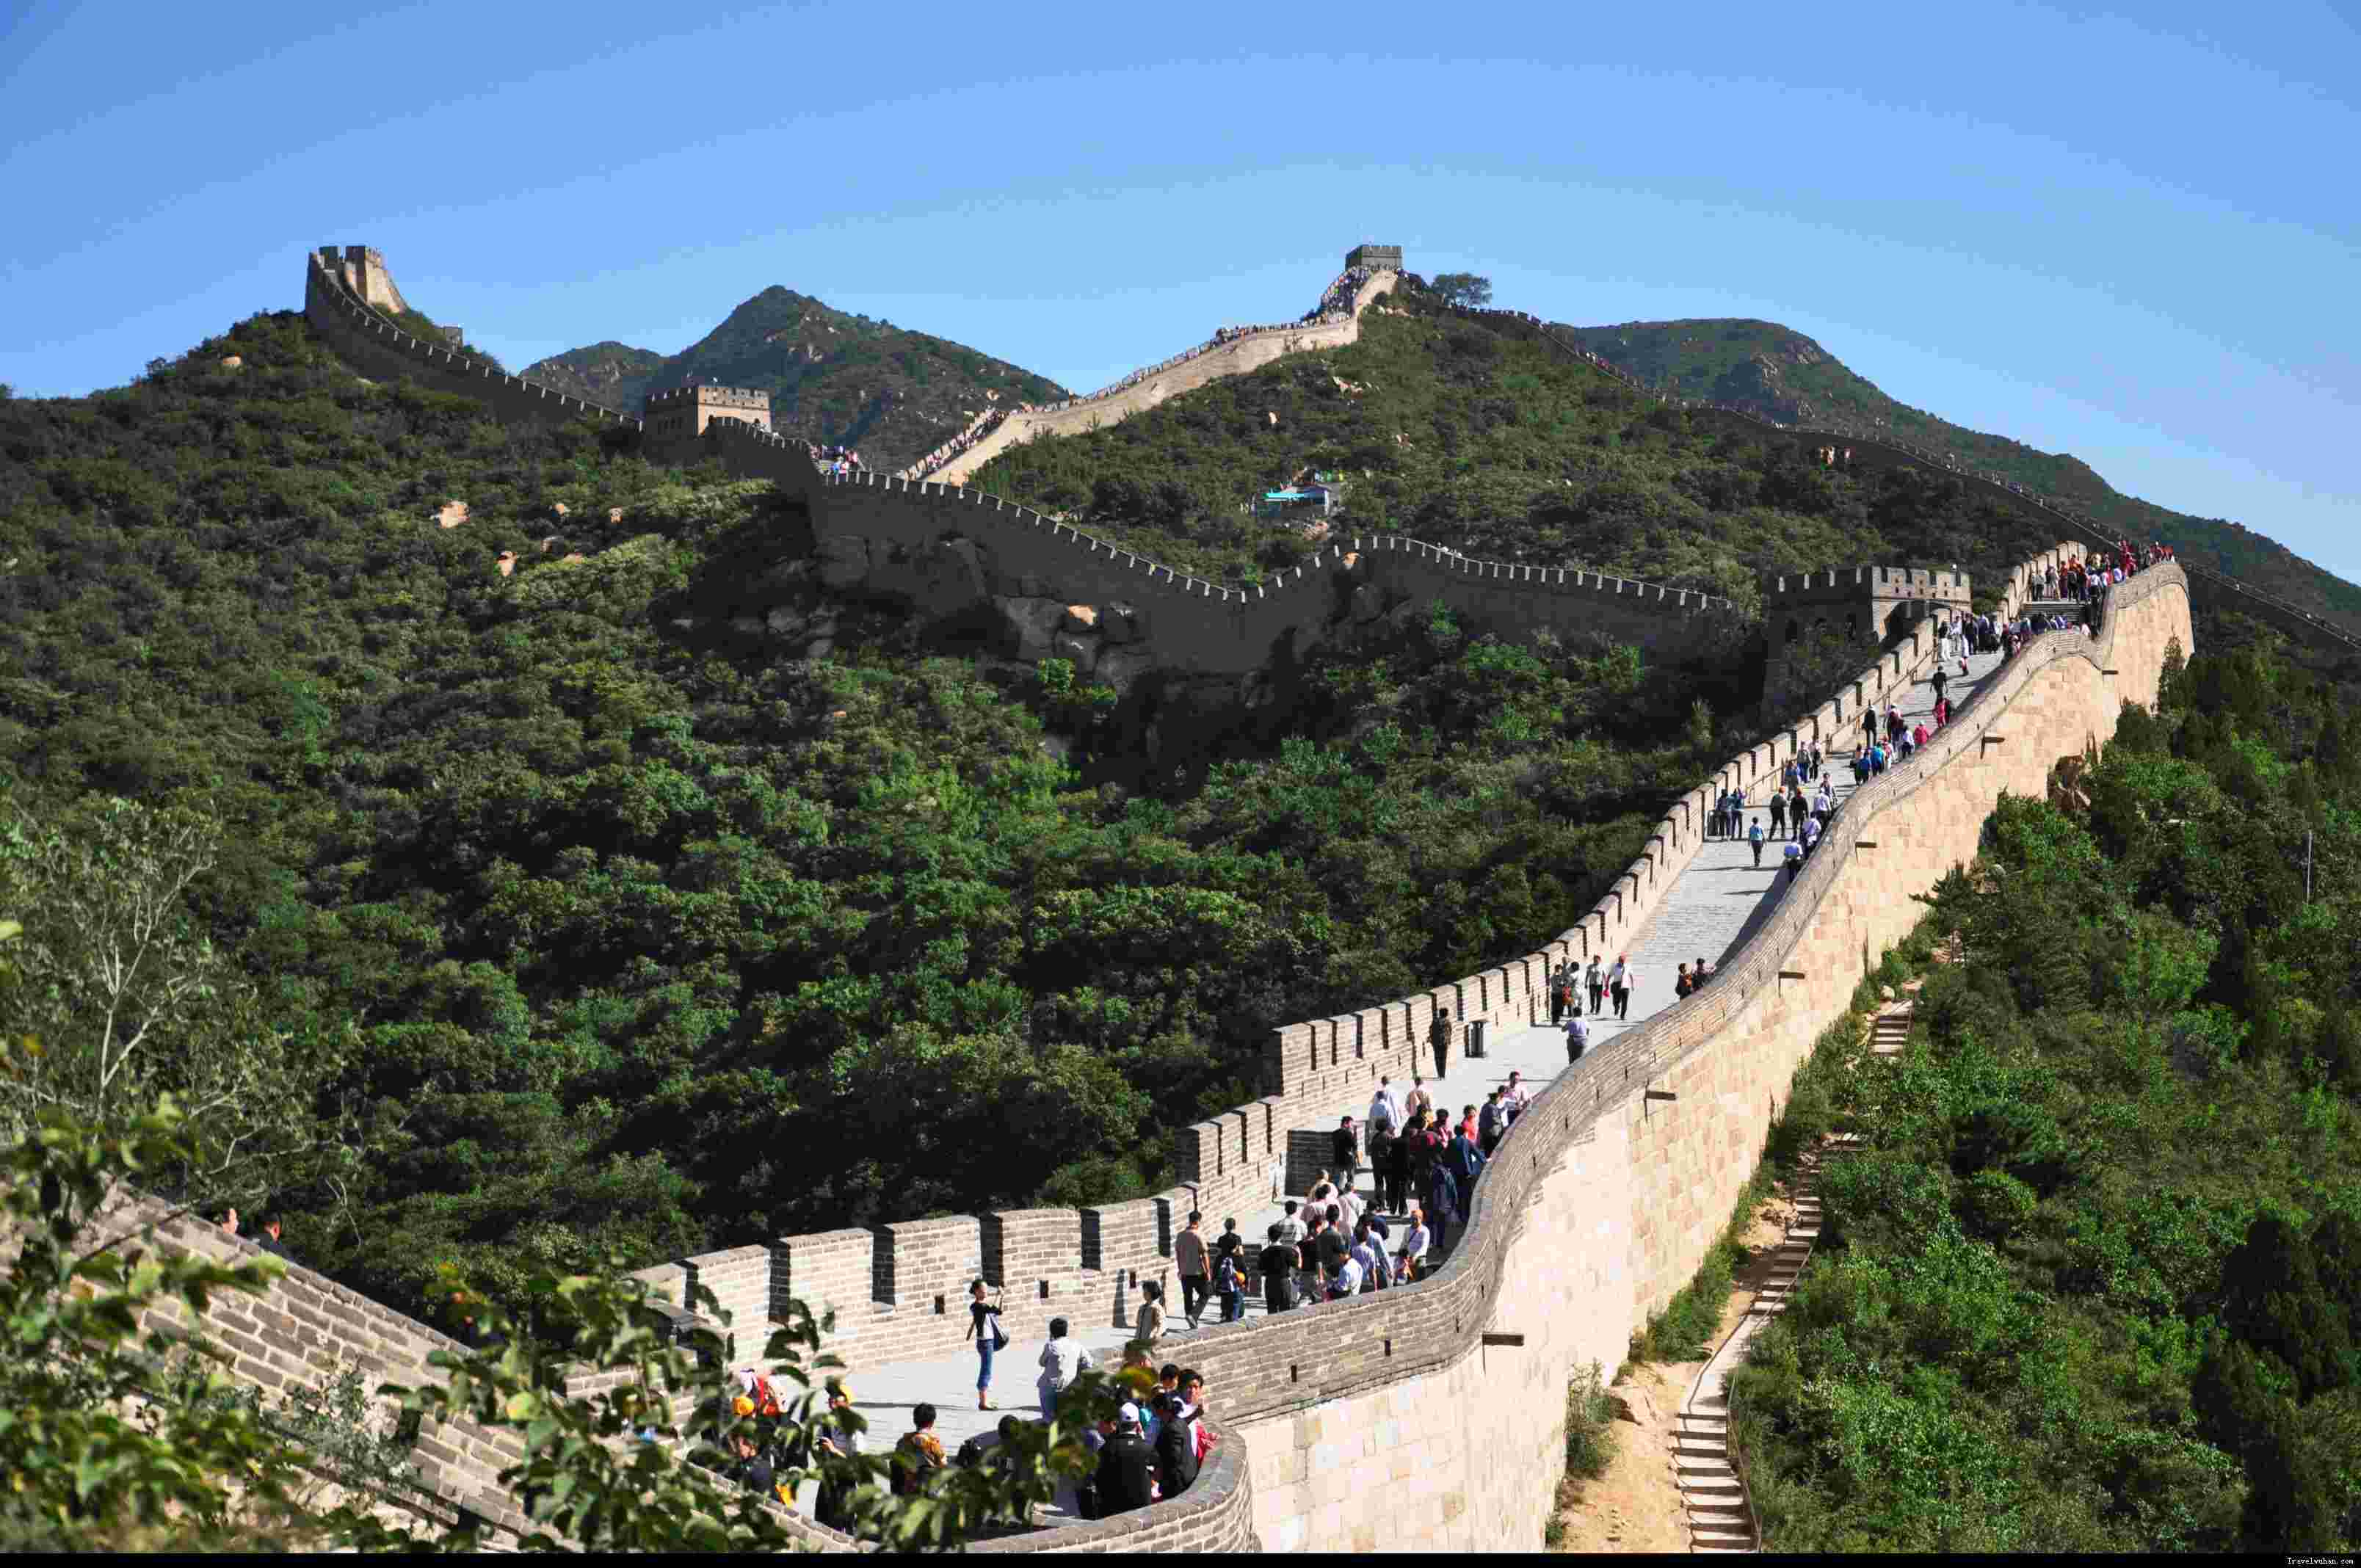 بادالینگ در چین